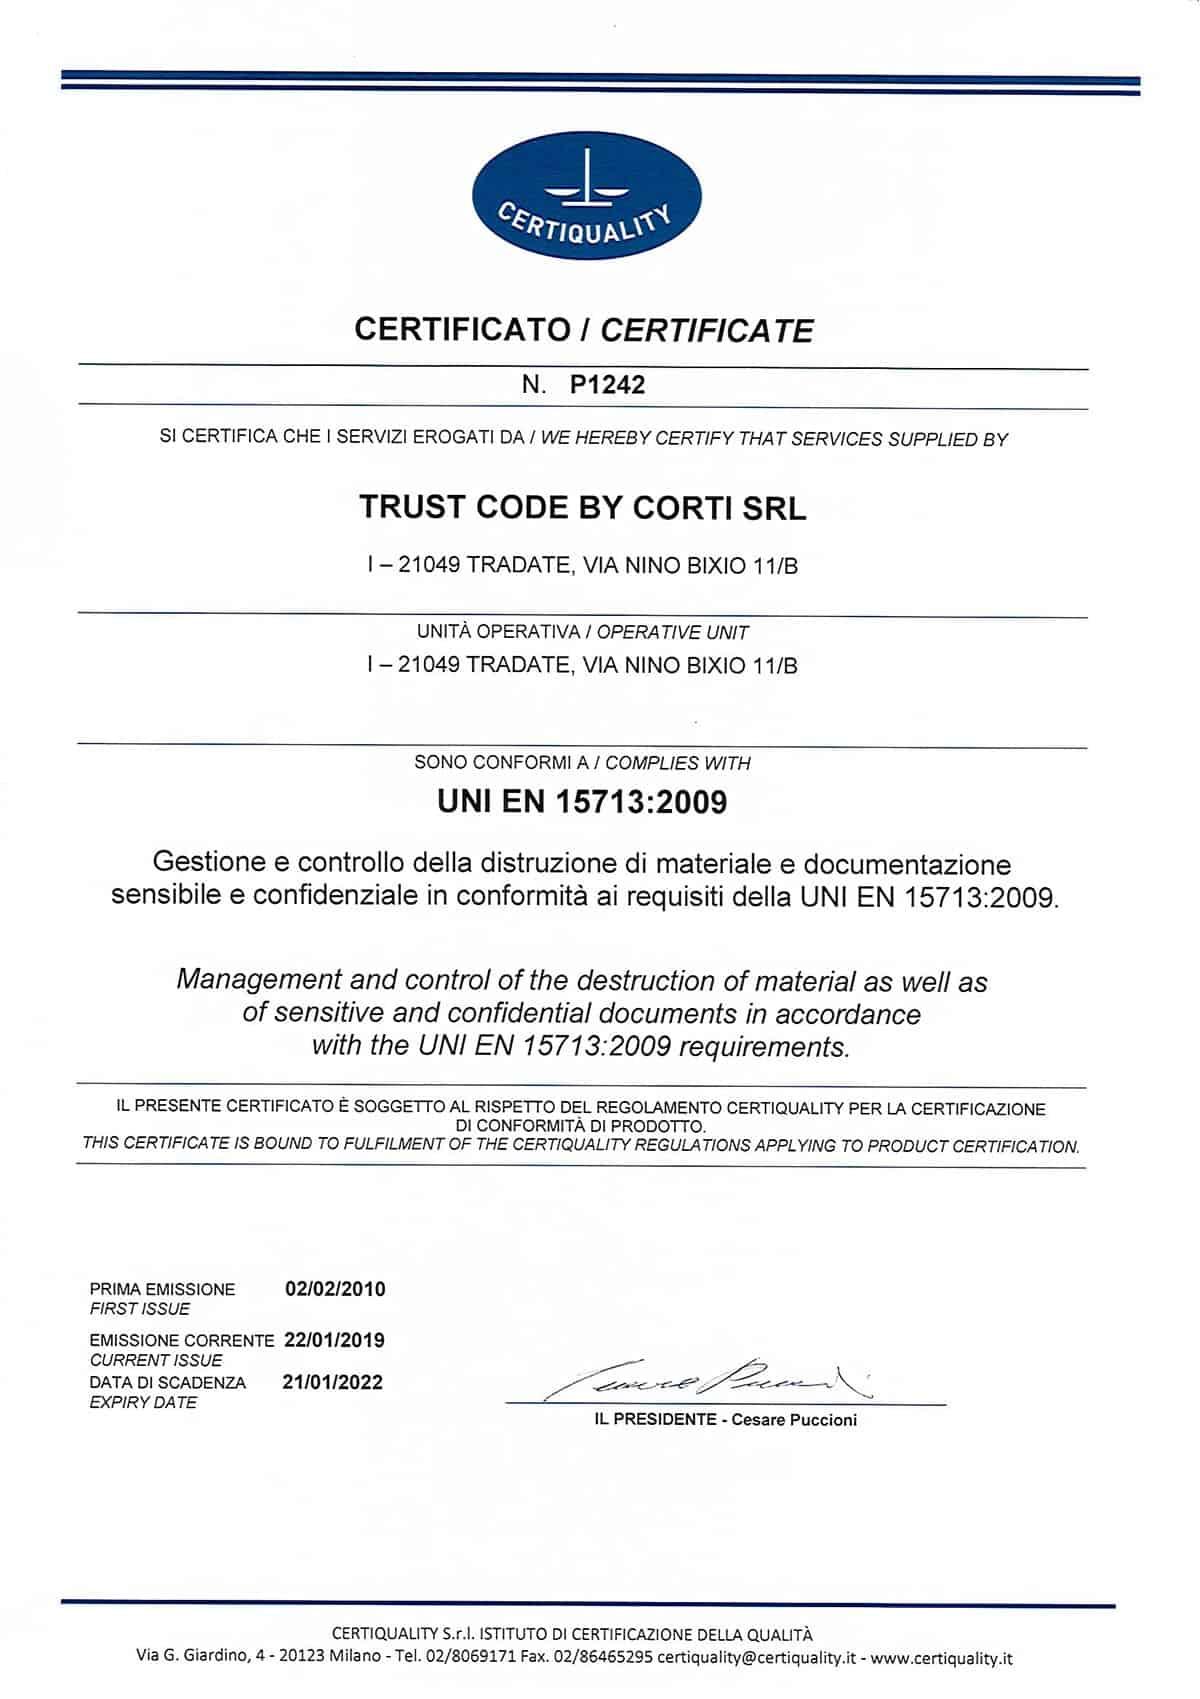 Certificato distruzione materiale e documentazione sensibile